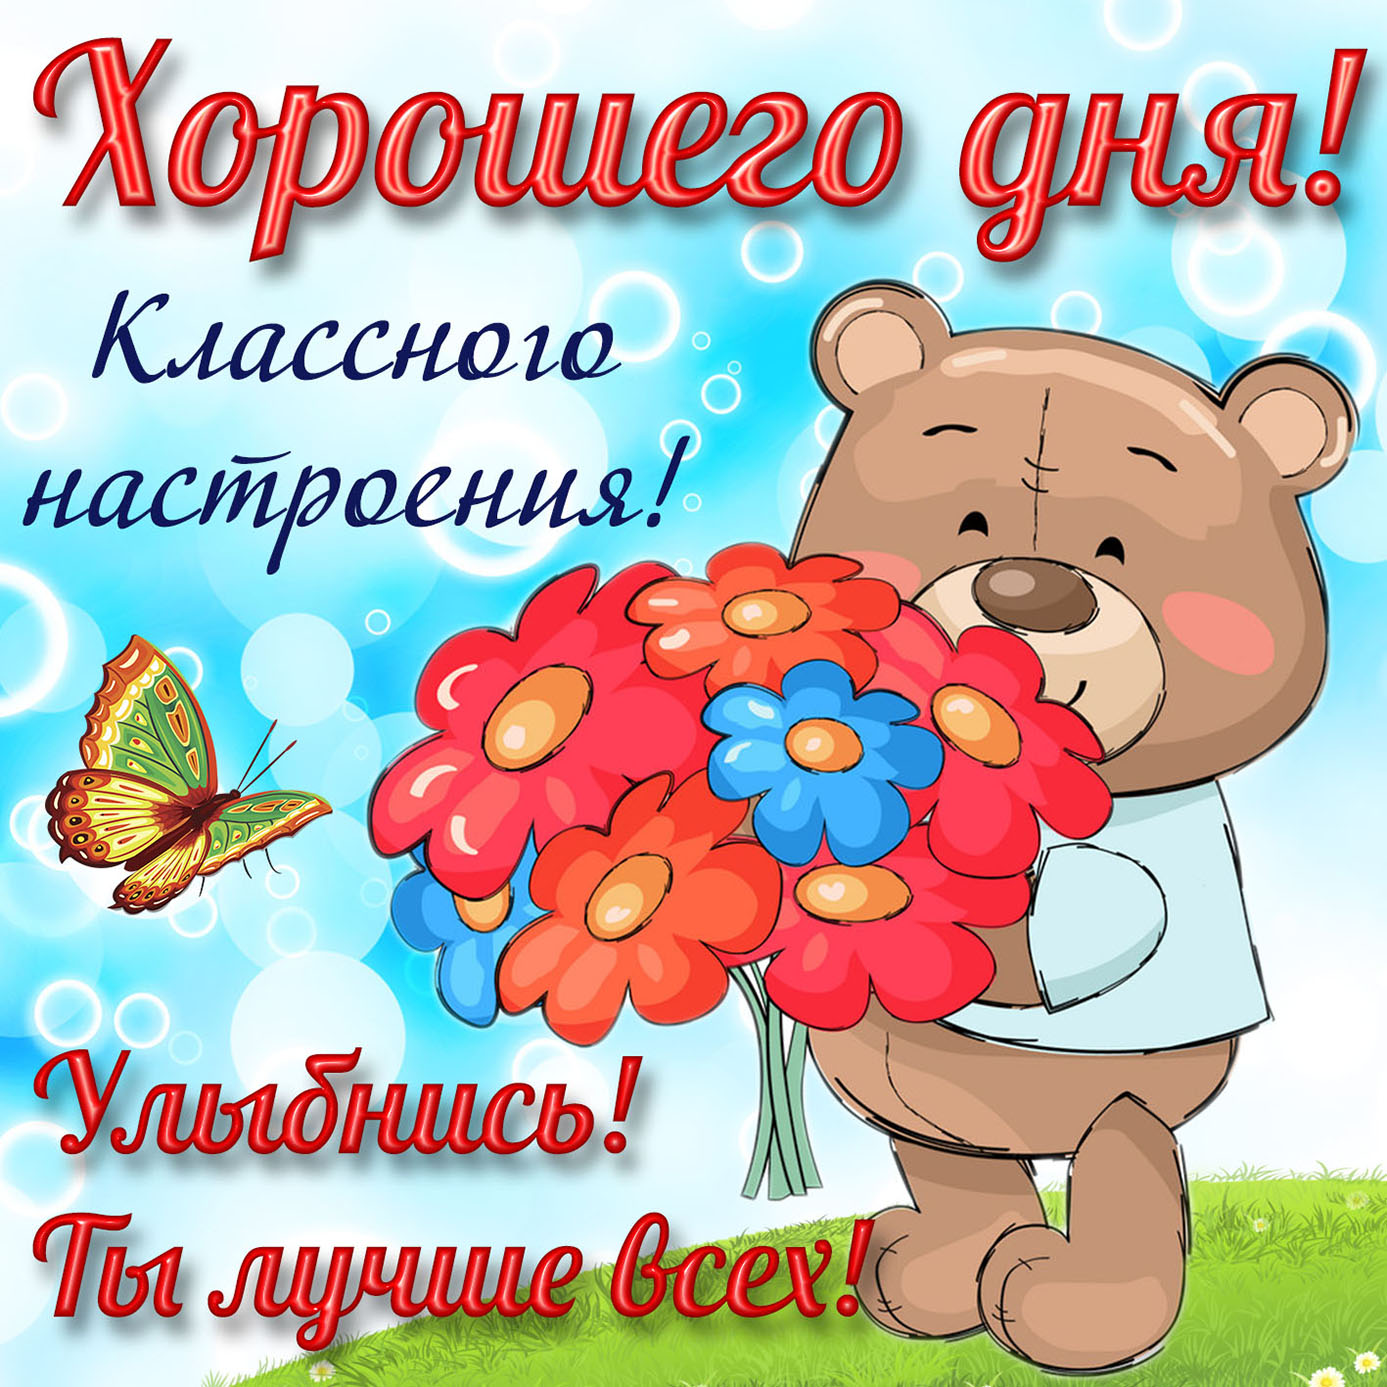 Медвежонок с цветами желает хорошего дня